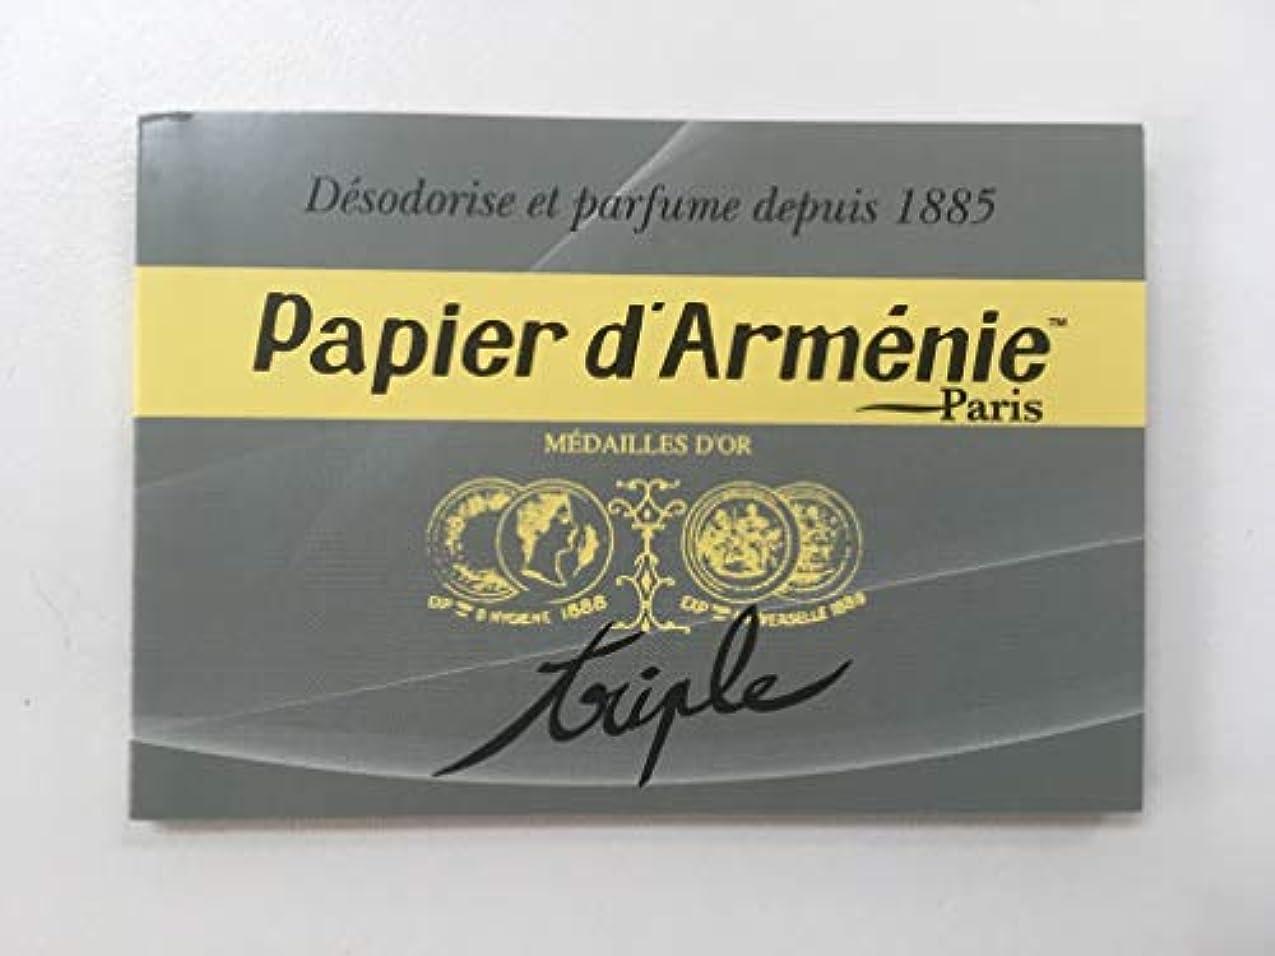 核おんどりスタジオパピエダルメニイ 空気を浄化する紙のお香パピエダルメニイ トリプル ヨーロッパ雑貨